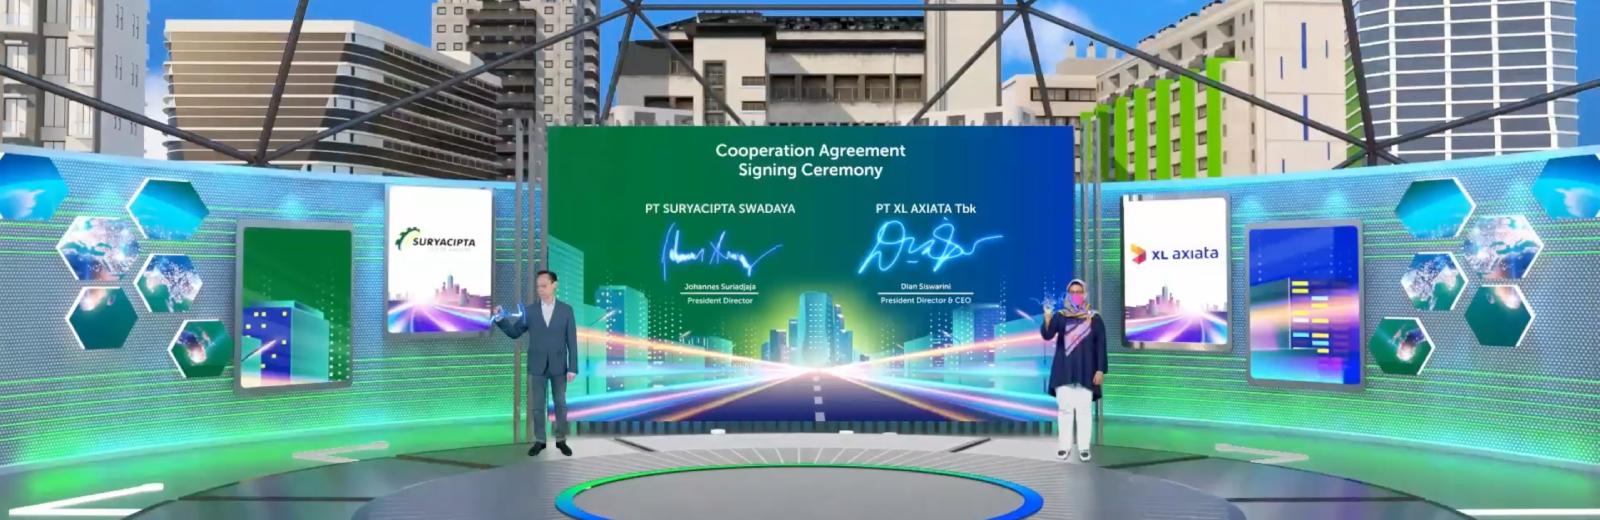 Signing Ceremony Suryacipta & XL Axiata